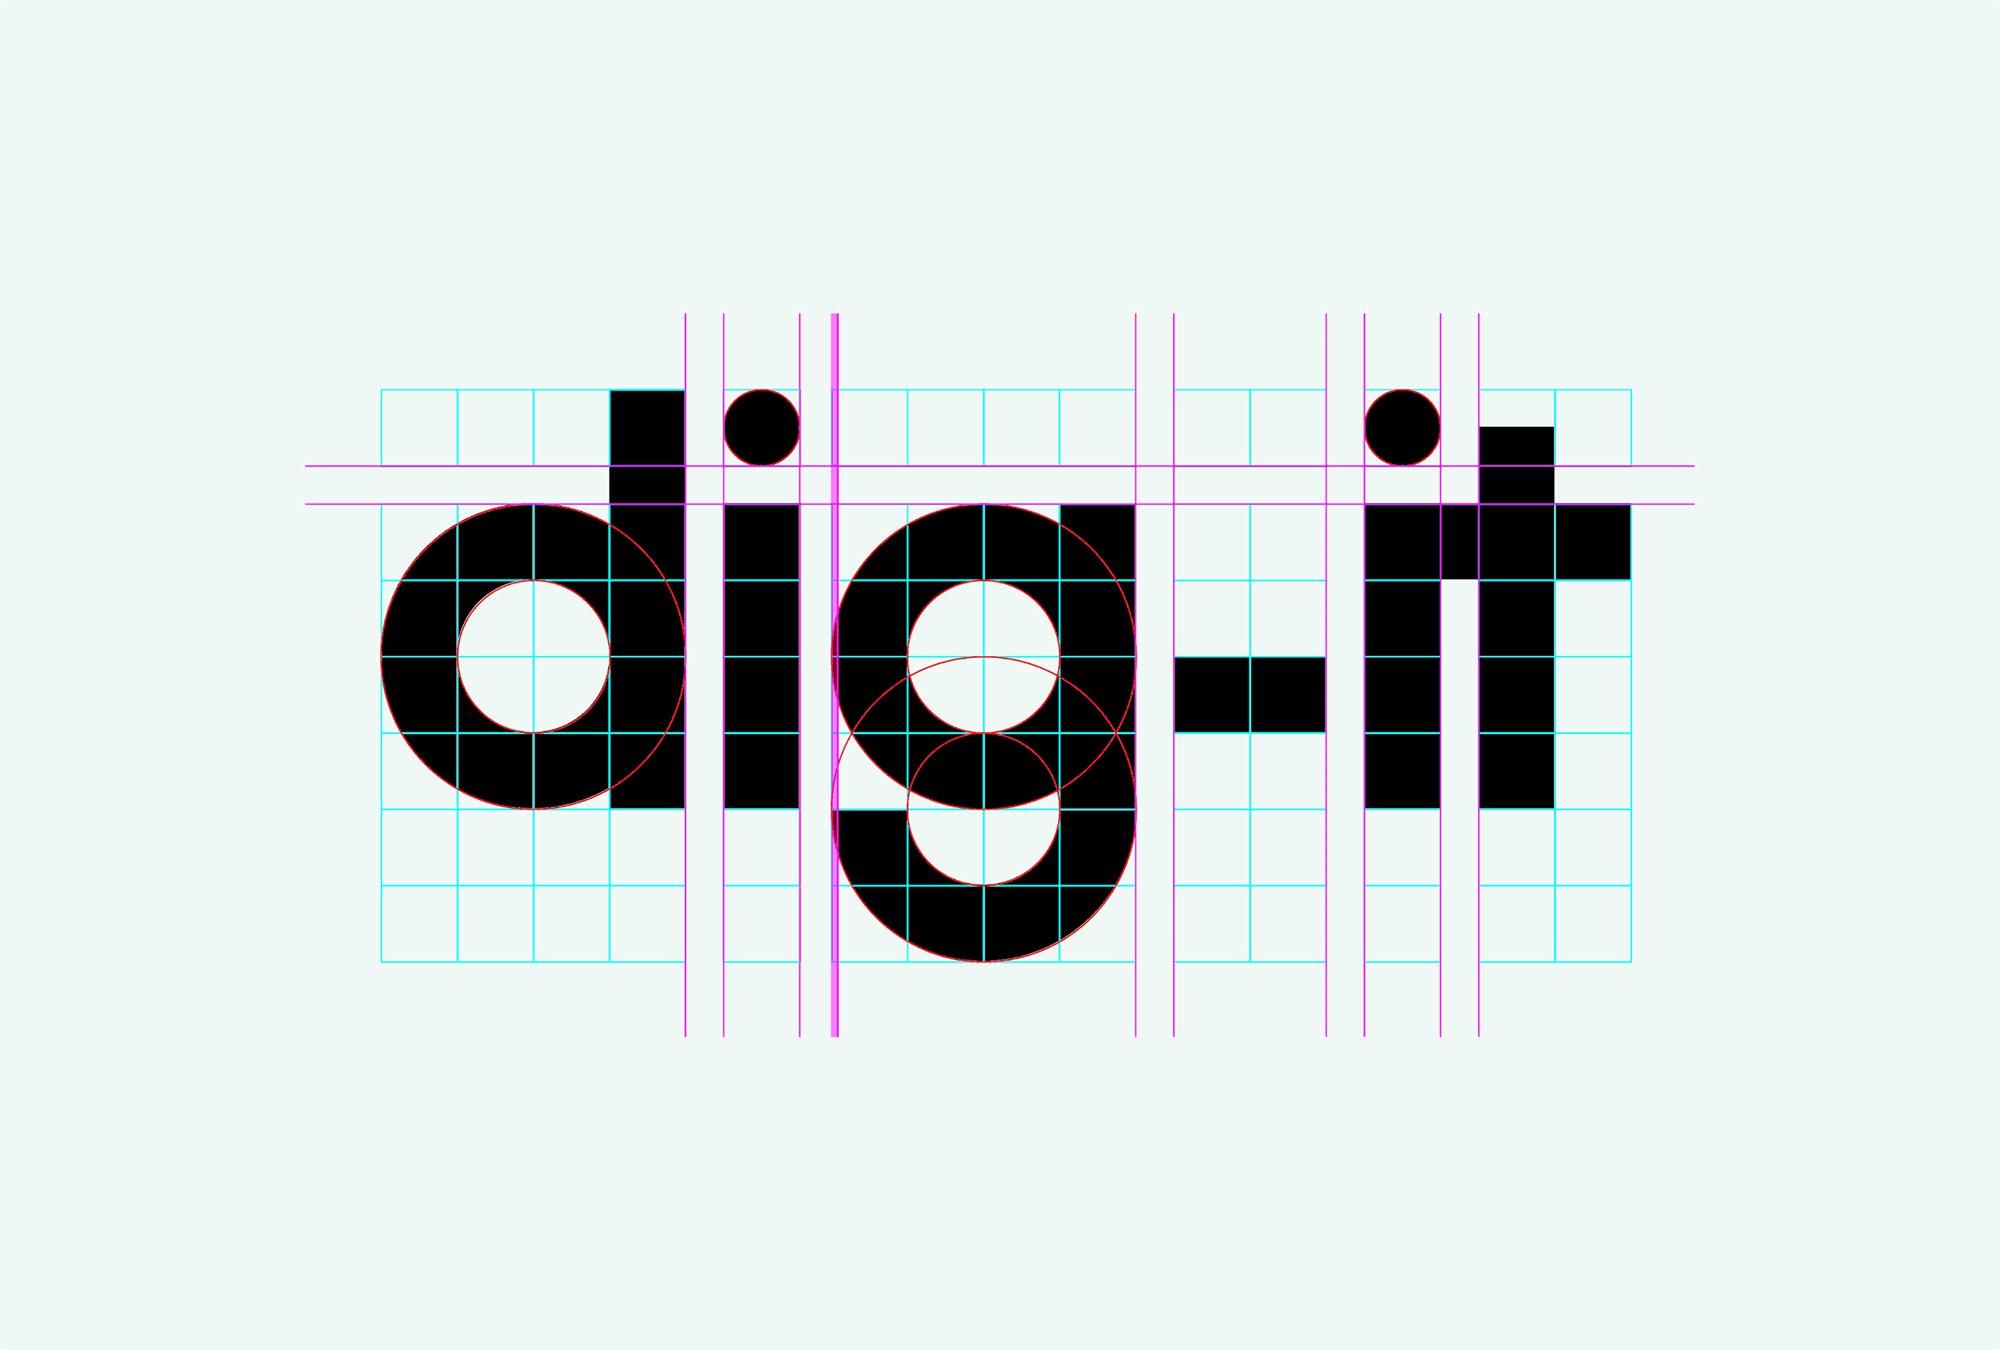 digit-03.jpg